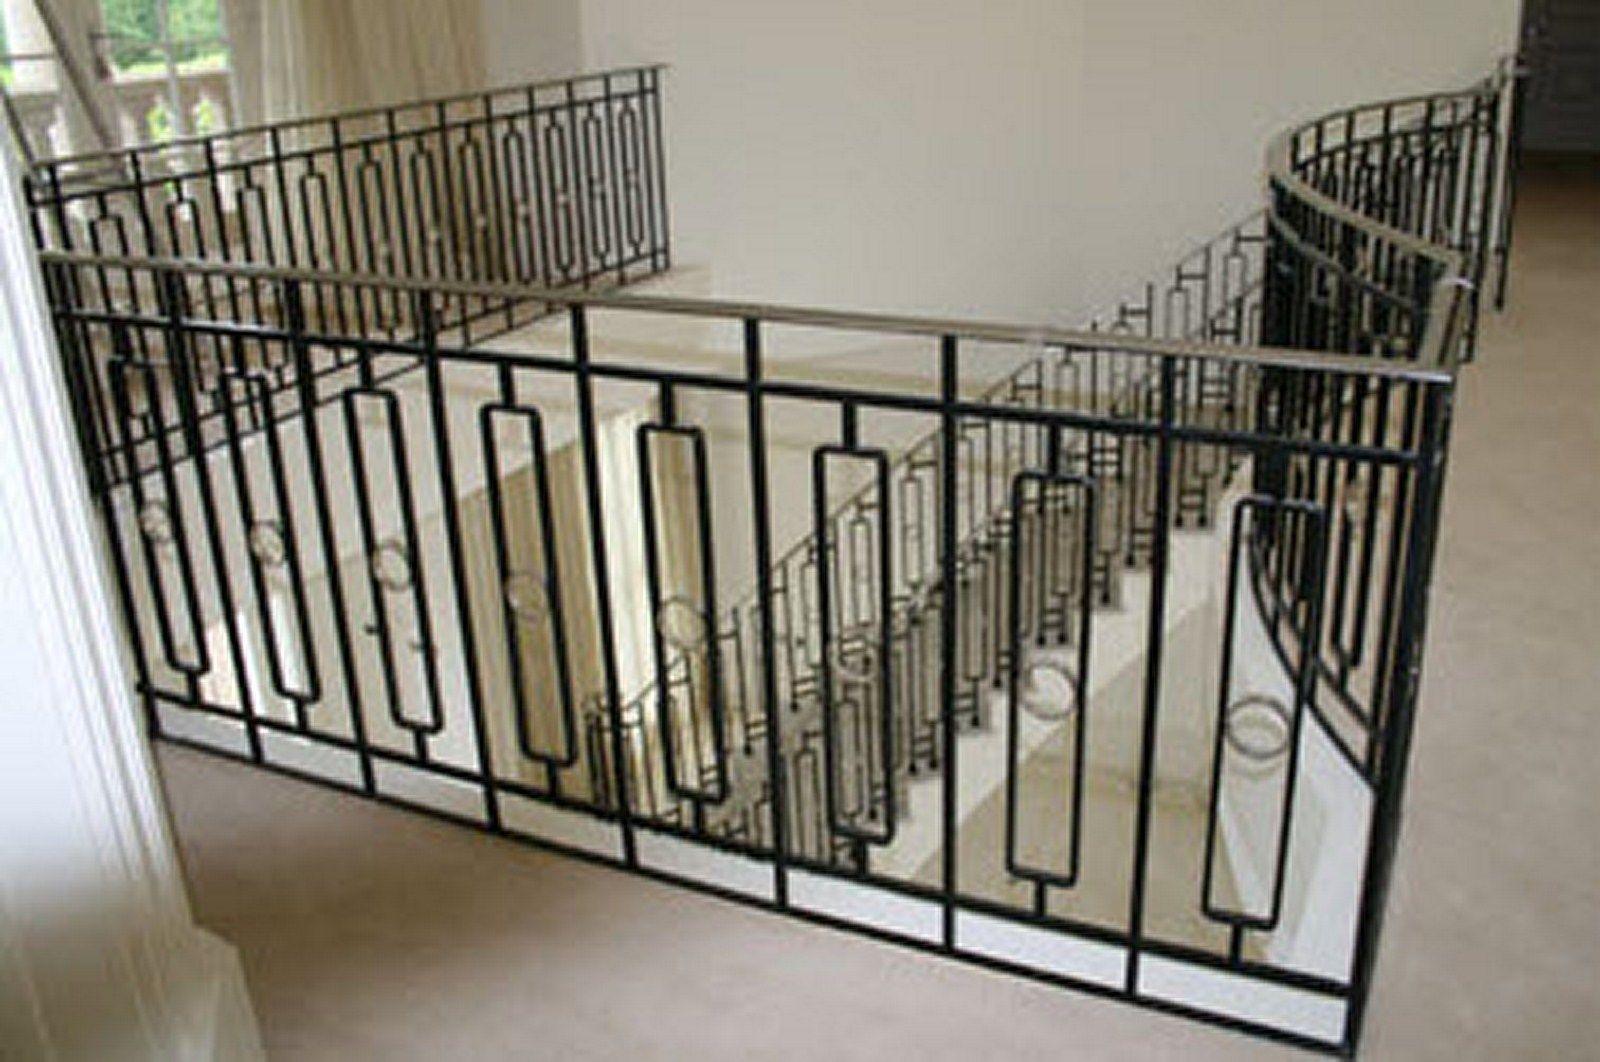 garde corps pinterest. Black Bedroom Furniture Sets. Home Design Ideas